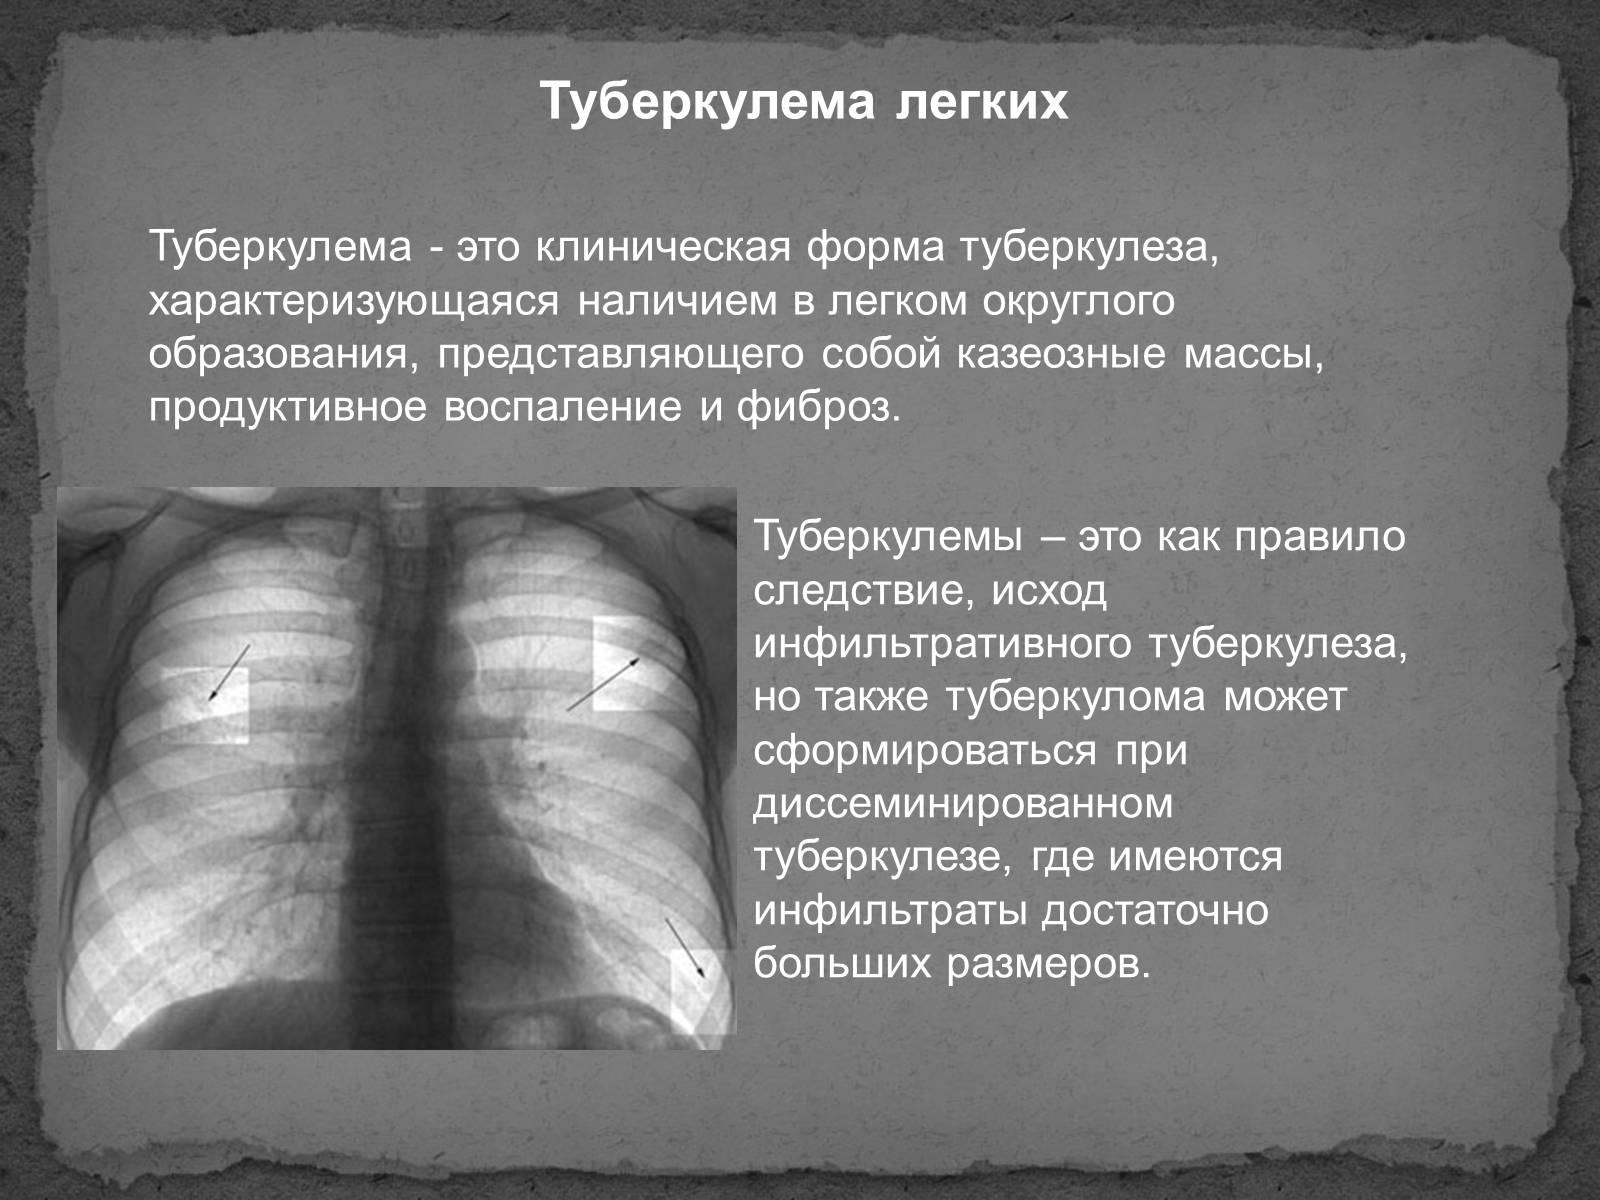 Что такое мета туберкулез легких